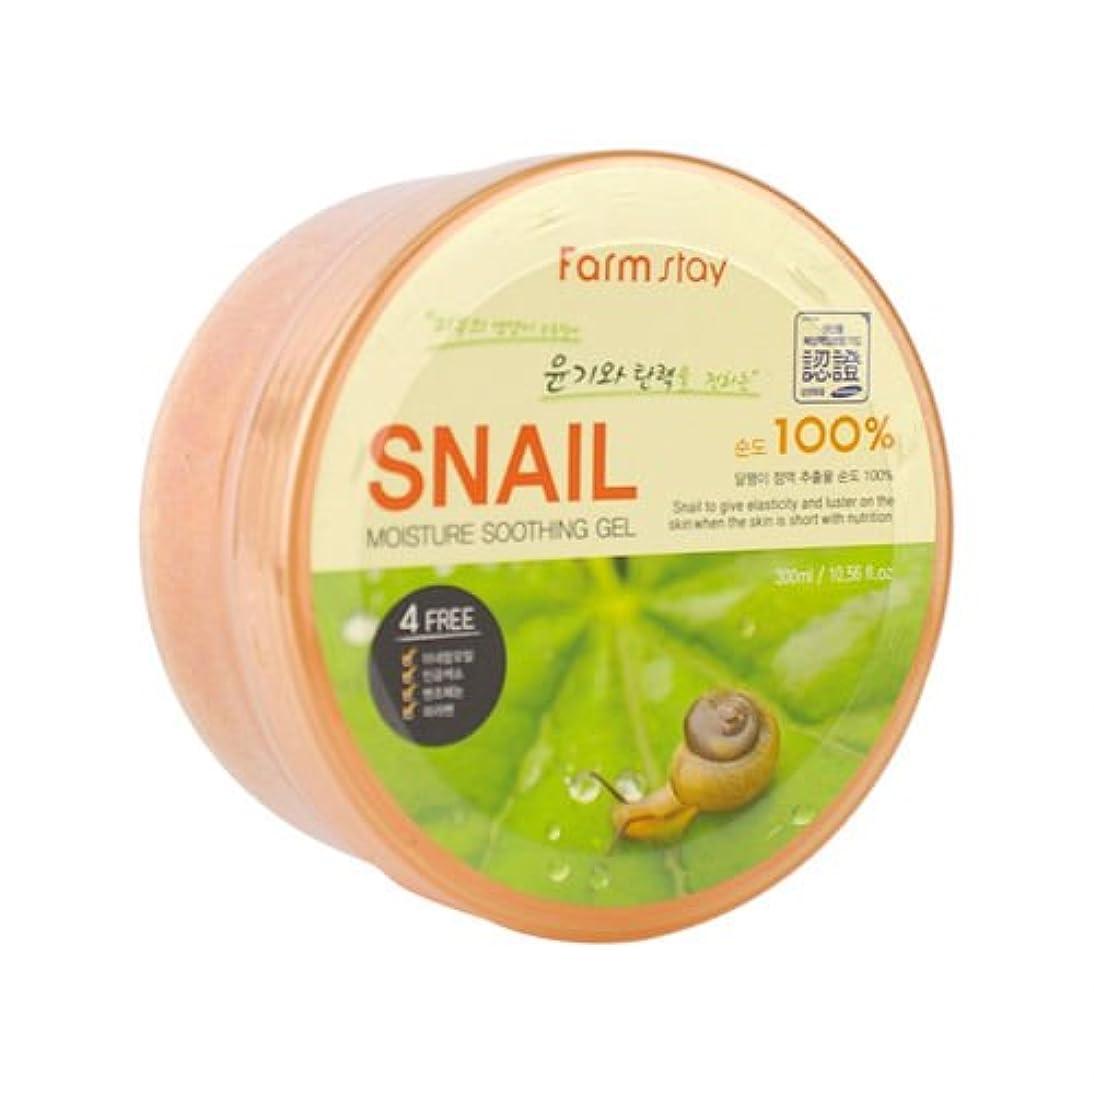 スリット抜本的な郵便屋さんFarm Stay Snail Moisture Soothing Gel 300ml /Snail extract 100%/Skin Glowing & Elasticity Up [並行輸入品]